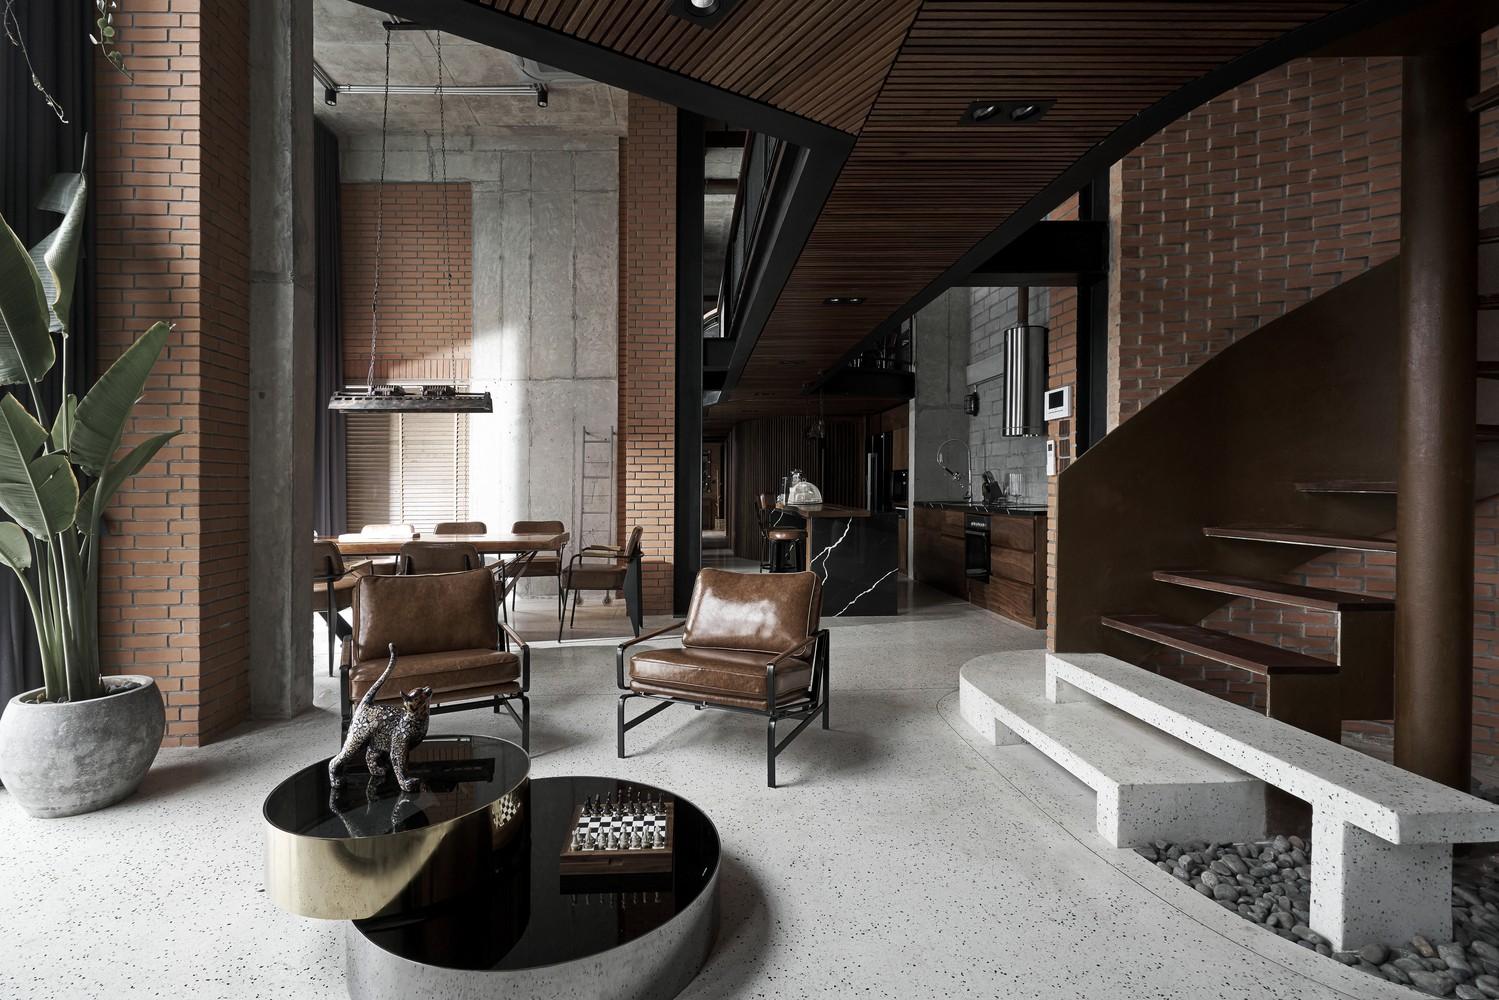 Nội thất sử dụng tông màu trầm ấm, hài hòa với màu xám của trần, cột bê tông xám và sàn gạch sáng màu.